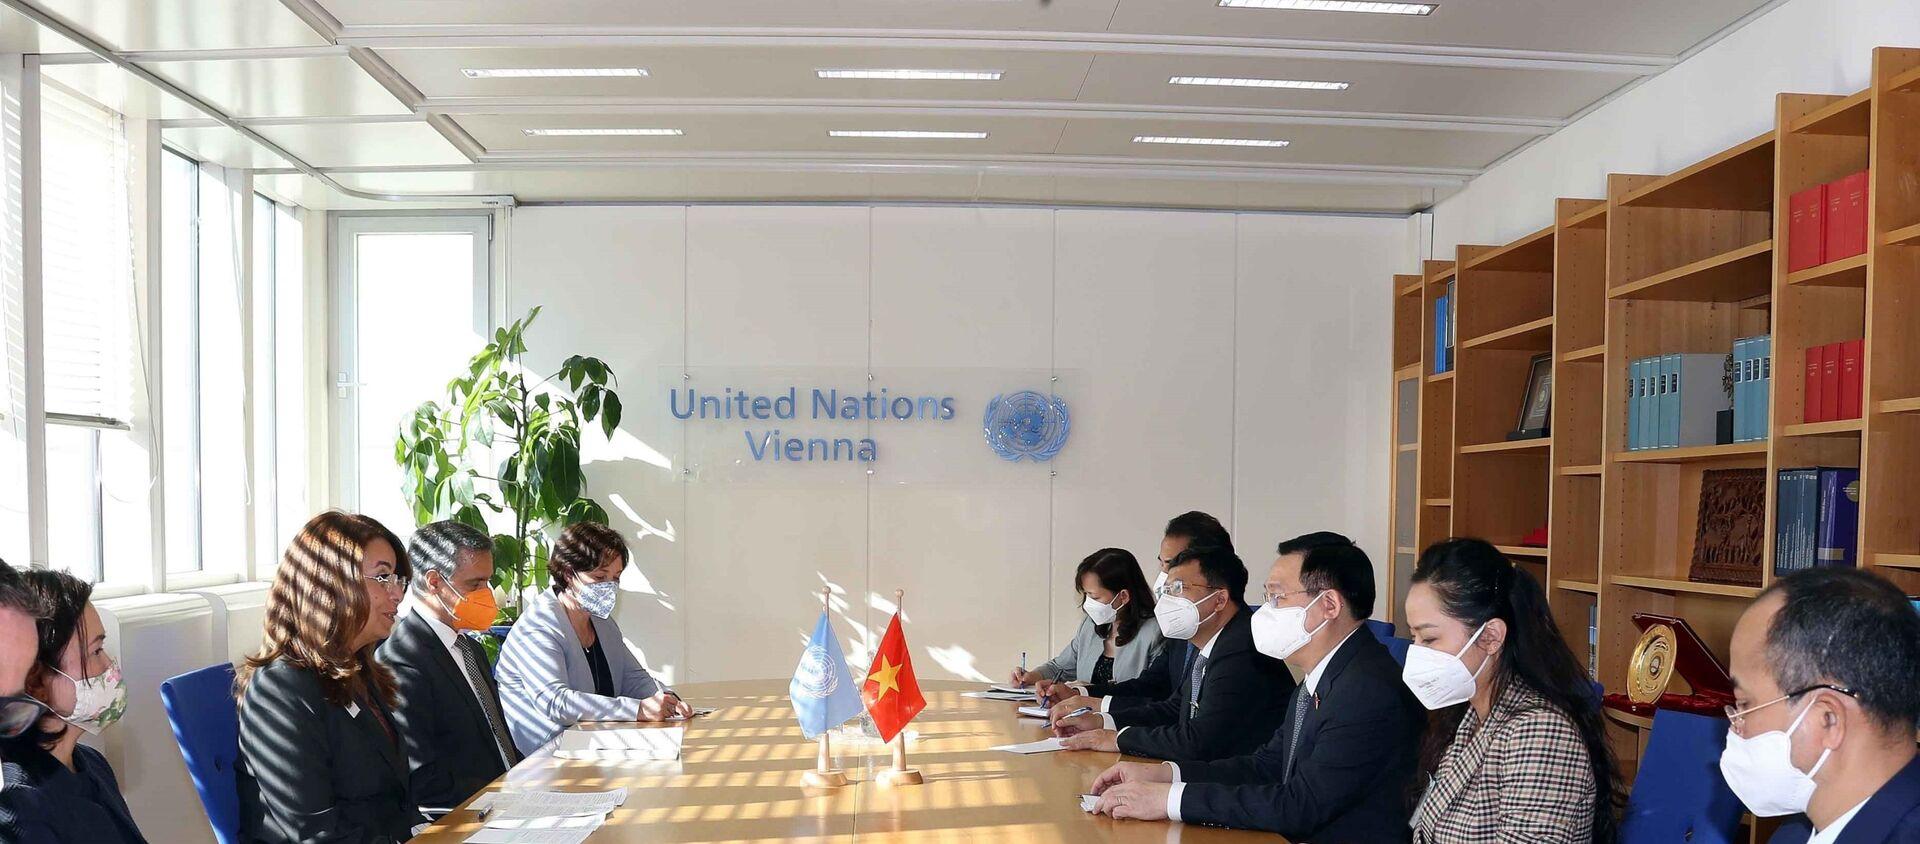 Chủ tịch Quốc hội Vương Đình Huệ gặp Giám đốc điều hành Văn phòng Liên hợp quốc tại Vienna - Sputnik Việt Nam, 1920, 07.09.2021